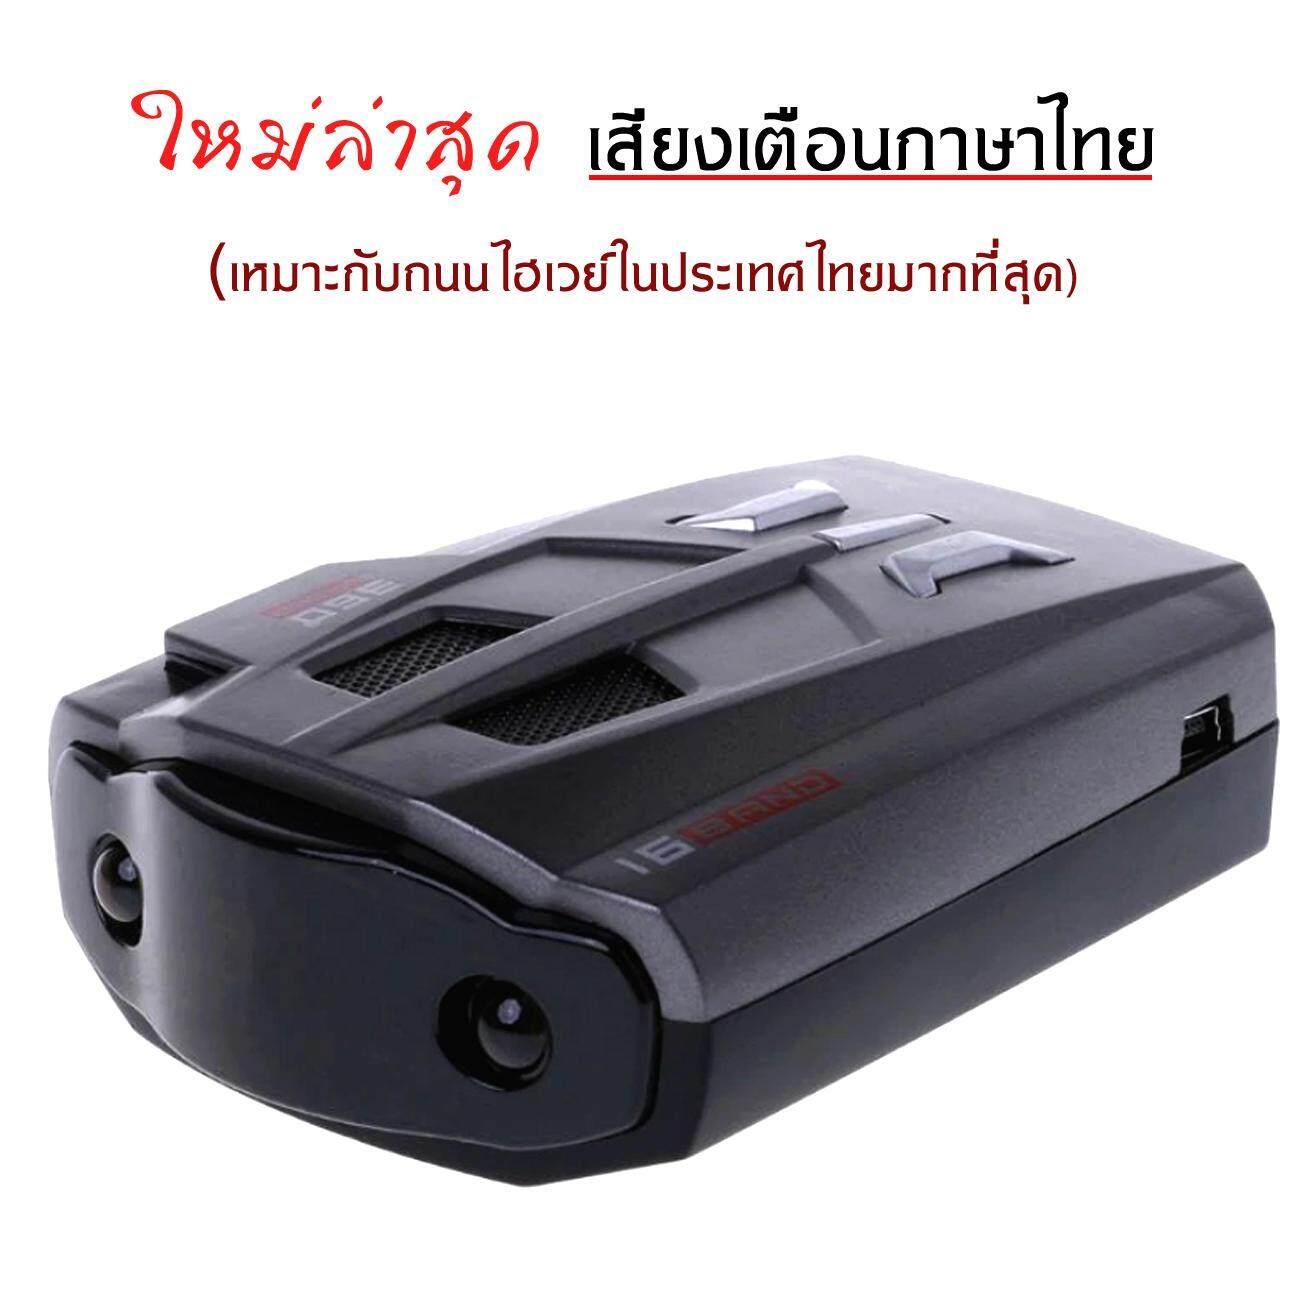 พูดไทย V9 Car Radar Detector เครื่องเตือนเมื่อมีคลื่นเรดาห์จับความเร็วรถยนต์(ถูกสุด)มีสินค้าพร้อมส่งทันที.